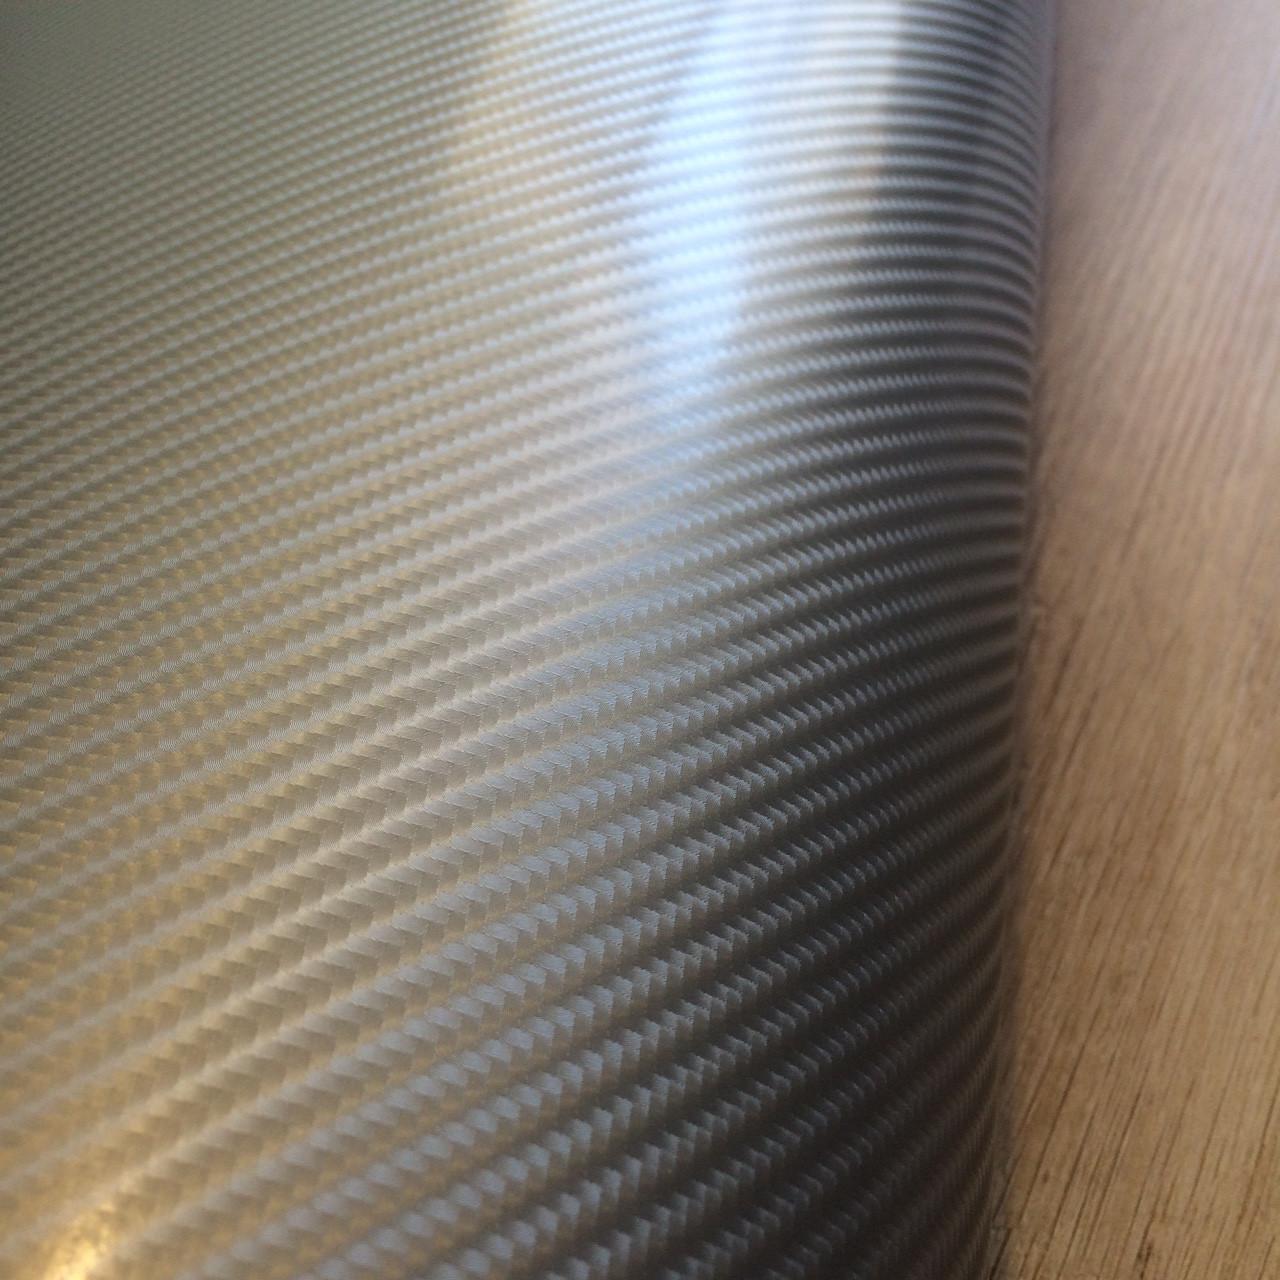 Карбоновая пленка 4д светло-серая под лаком с микроканалами